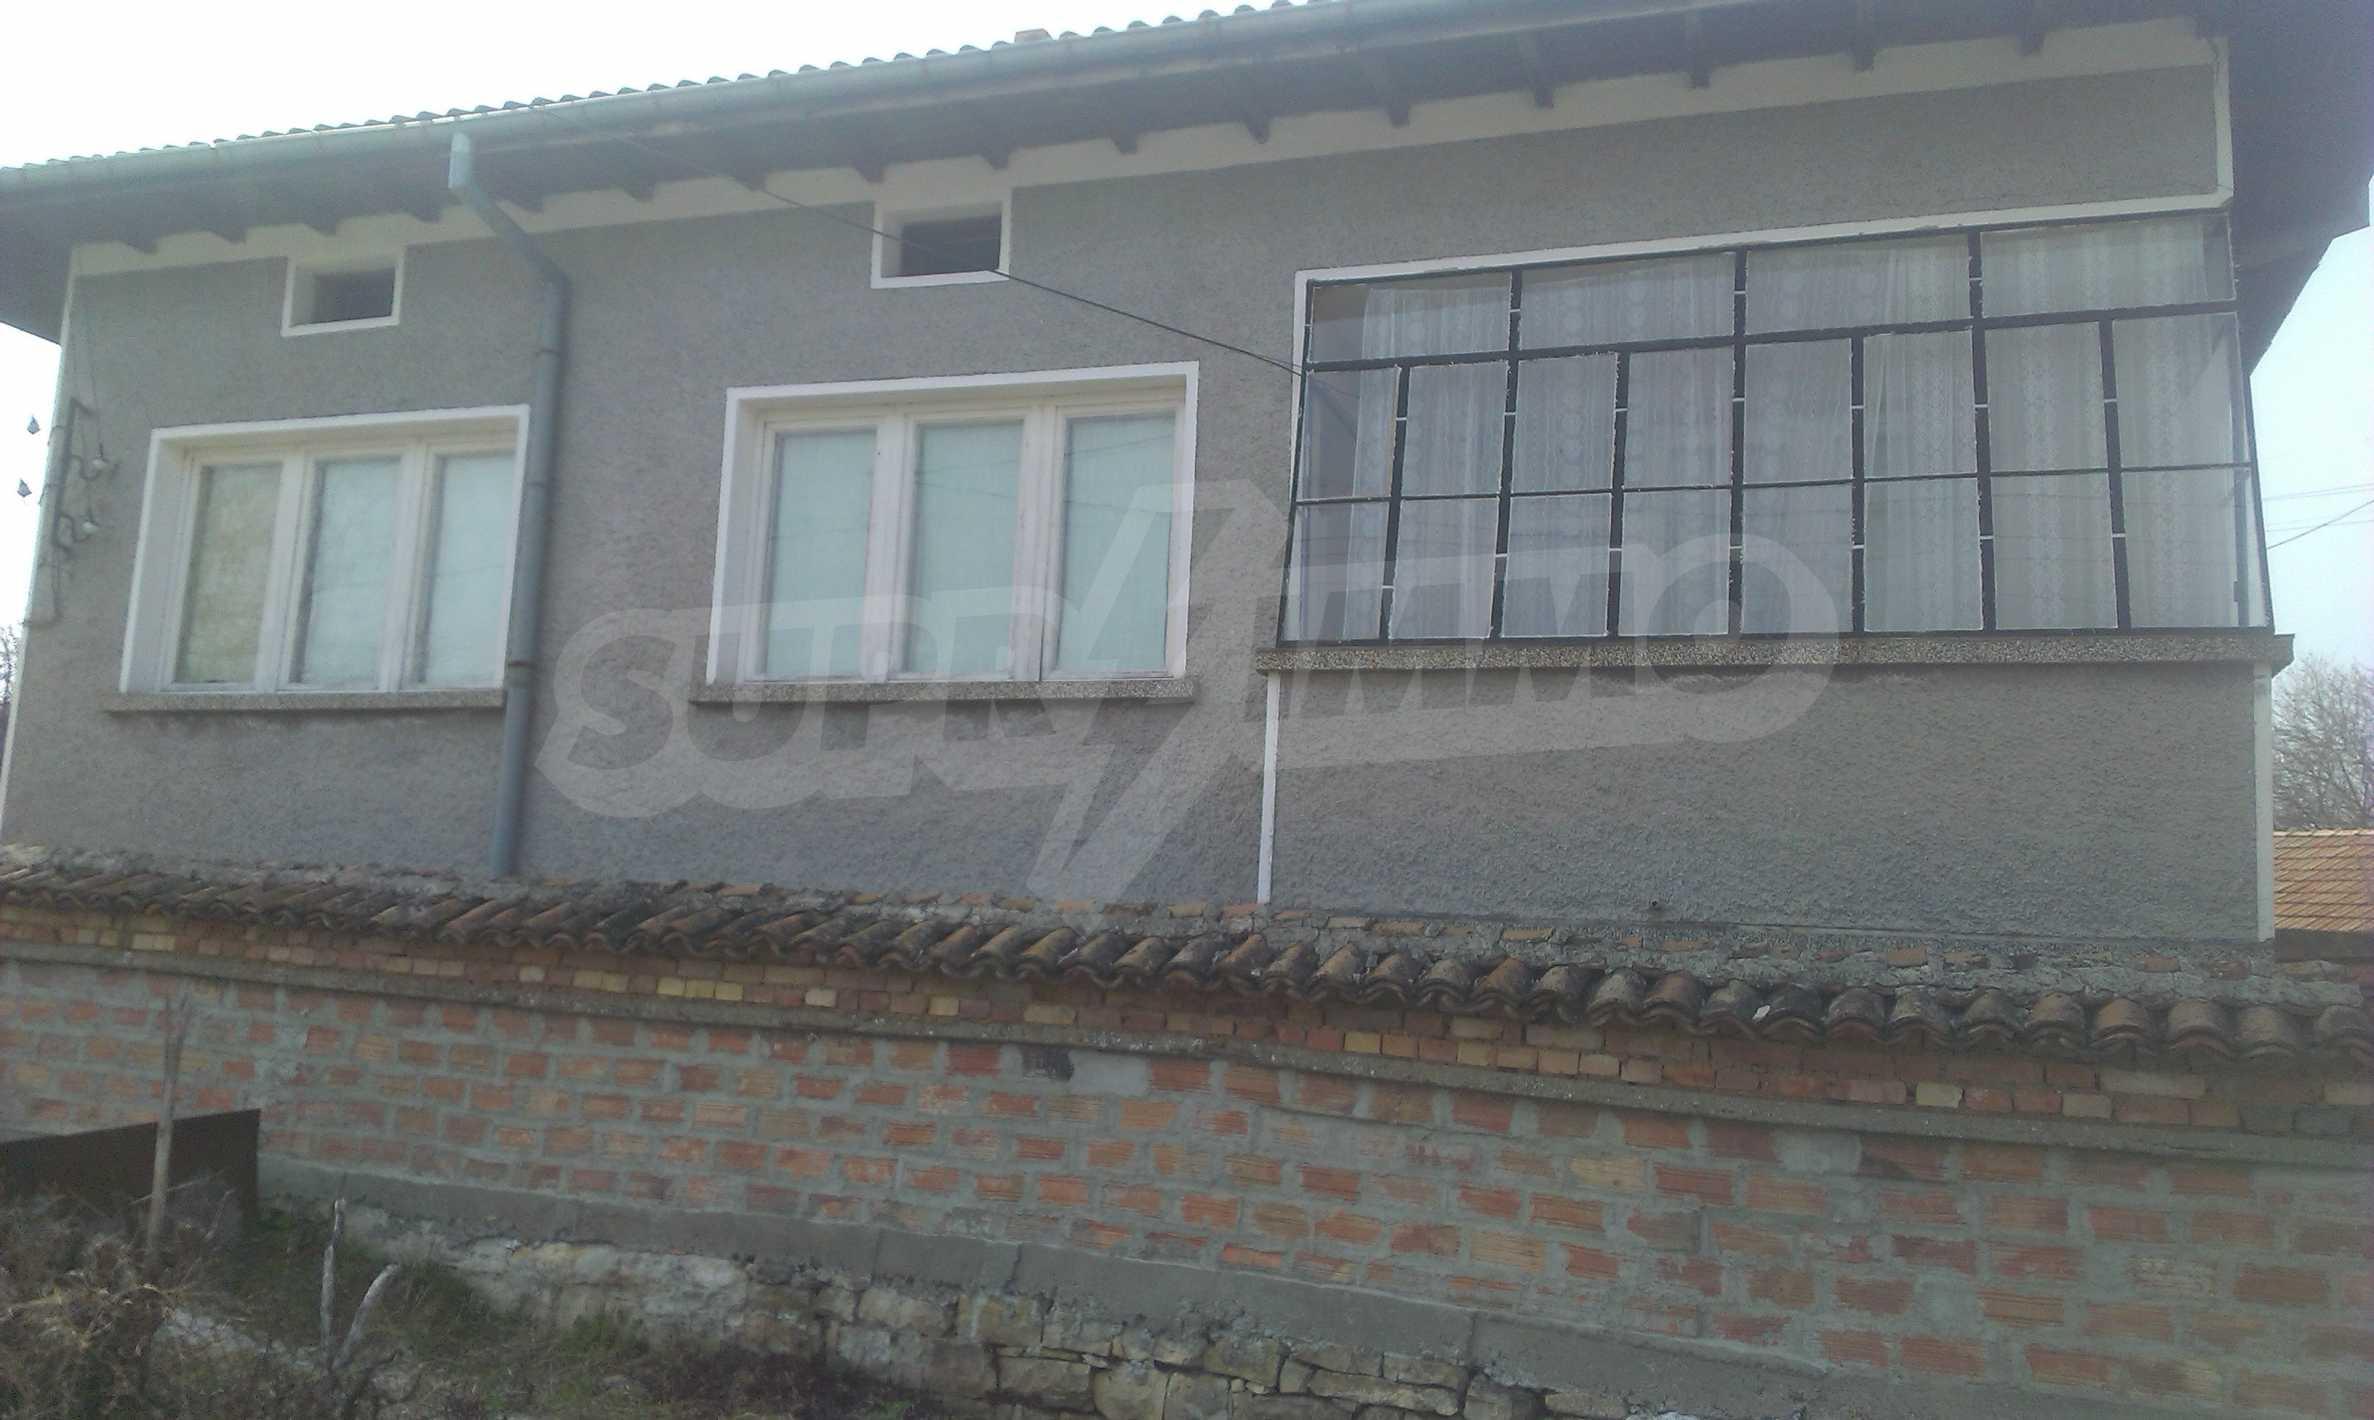 Großes zweistöckiges Backsteinhaus in einem Dorf 40 km von Veliko Tarnovo entfernt 23